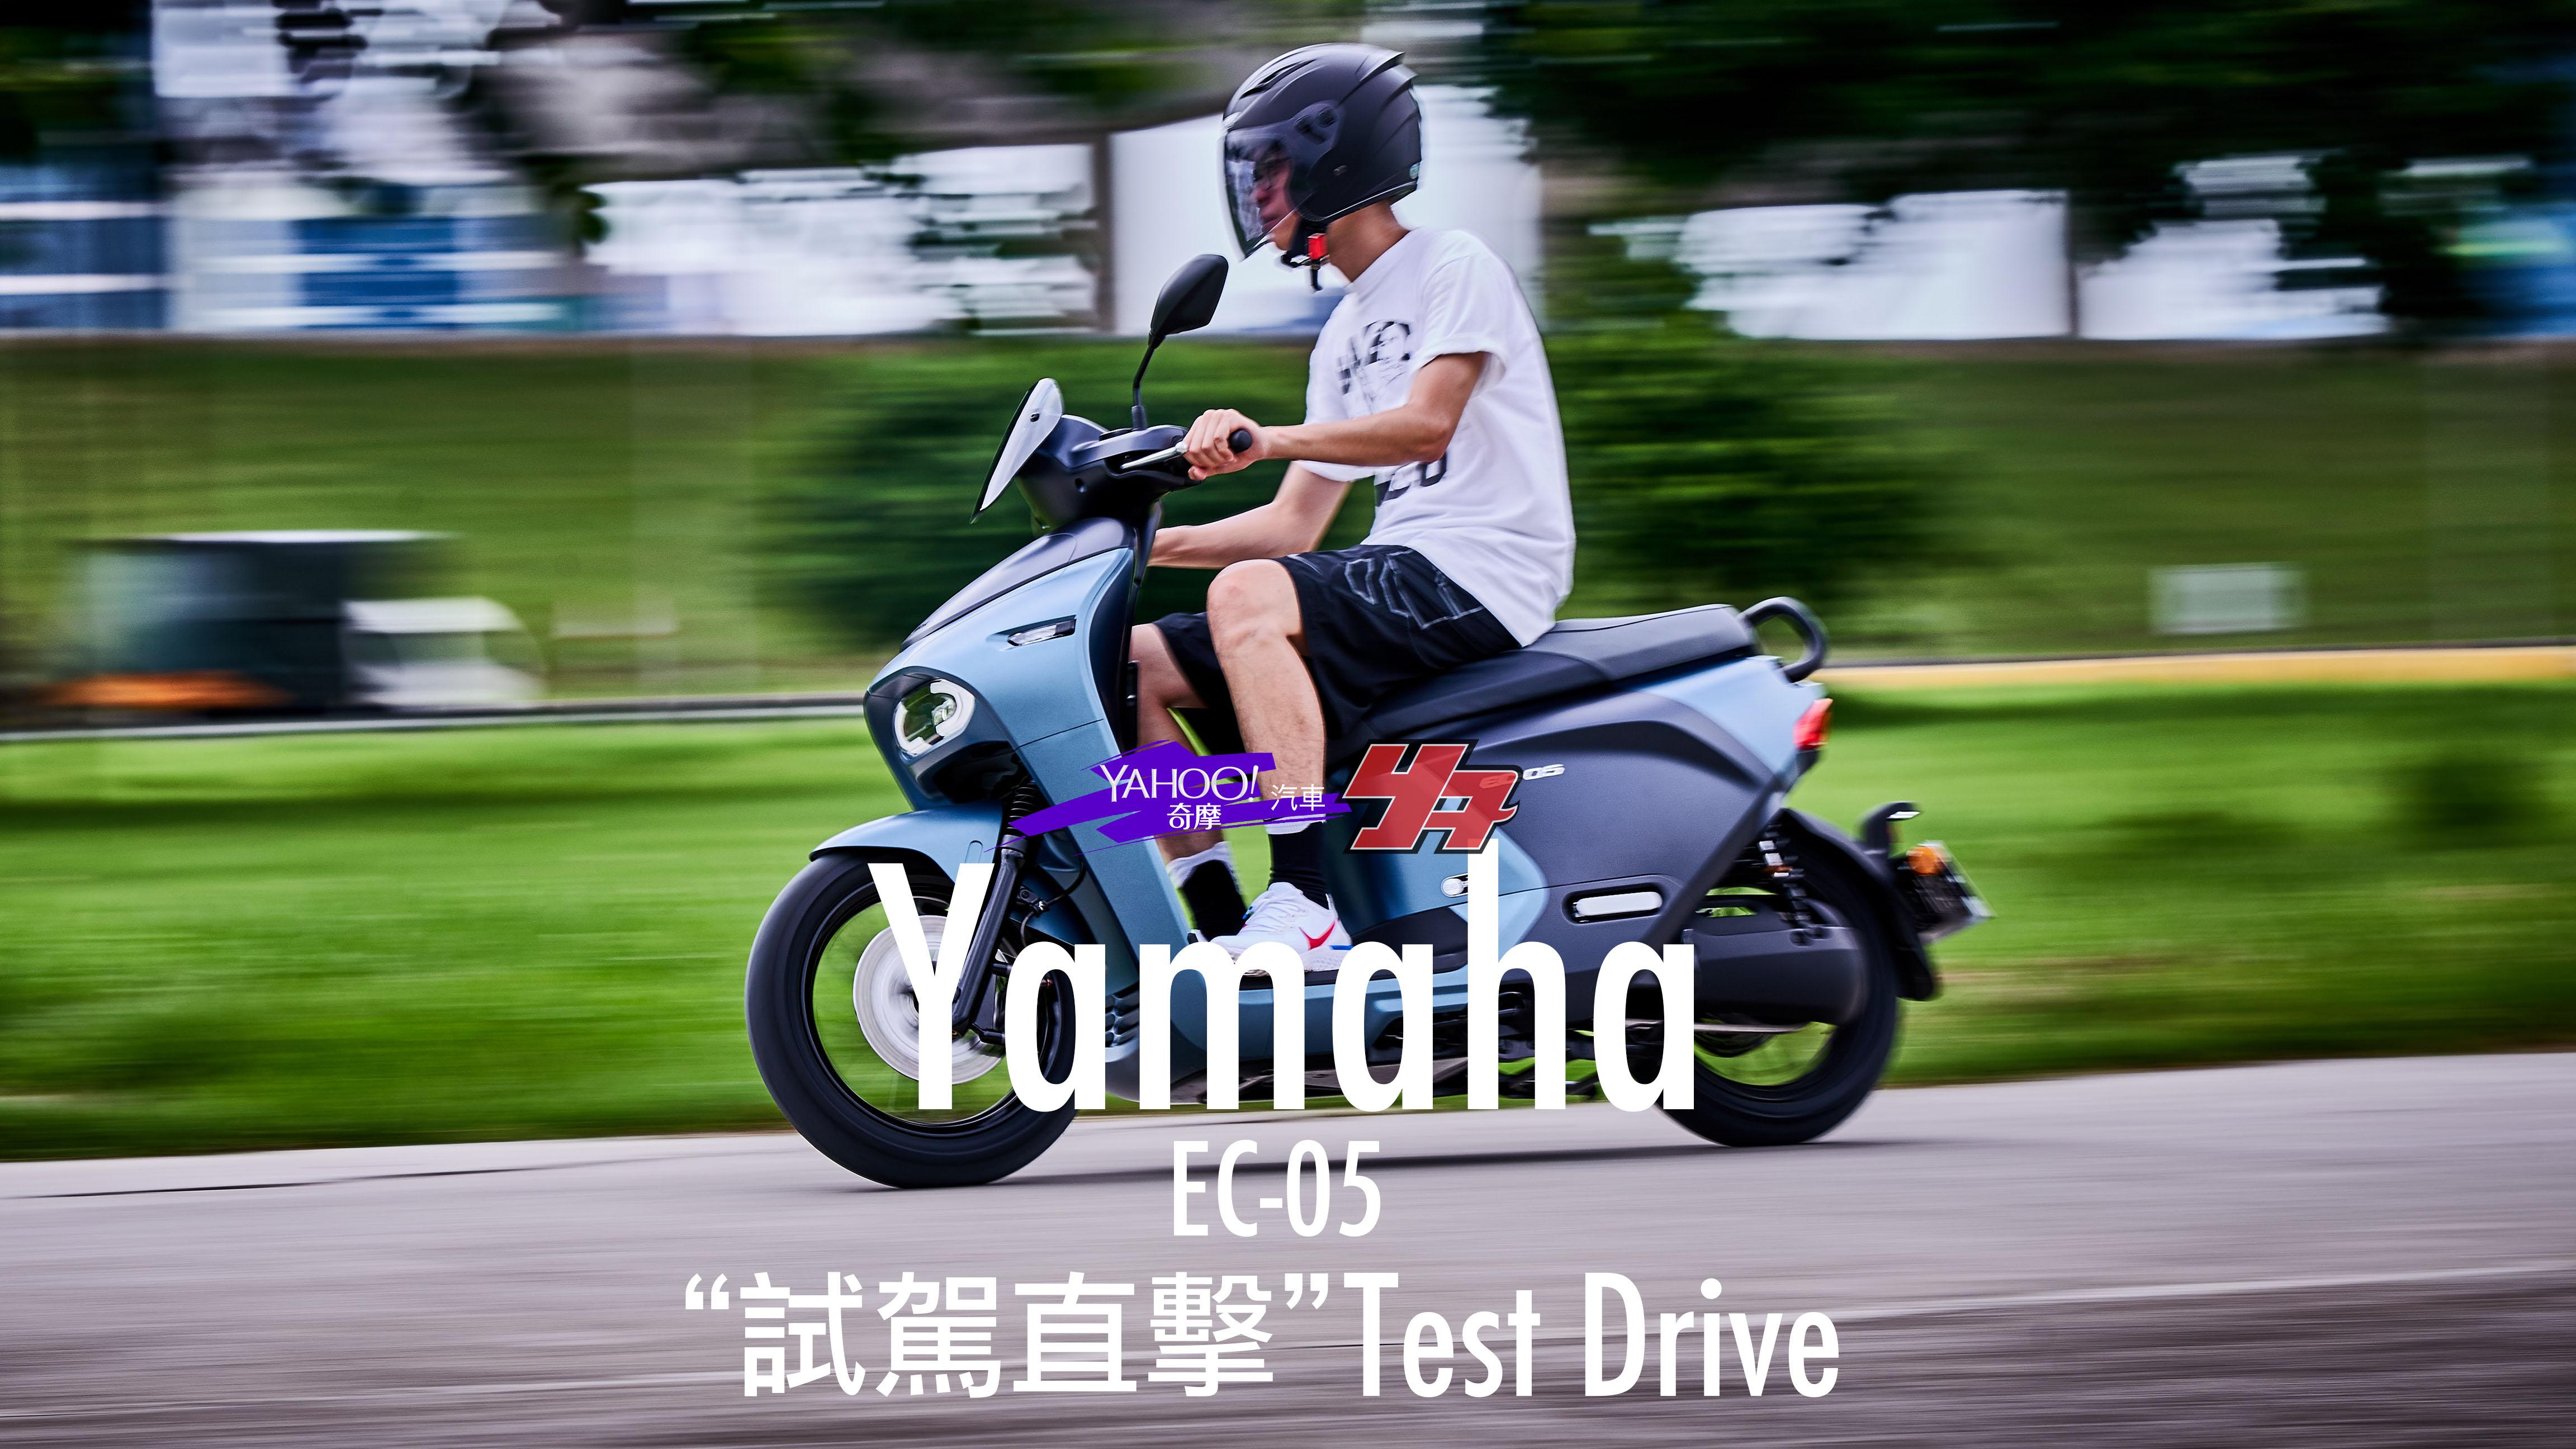 【試駕直擊】真的、我們不一樣!Yamaha換電式電動機車EC-05新北城郊試駕解析!